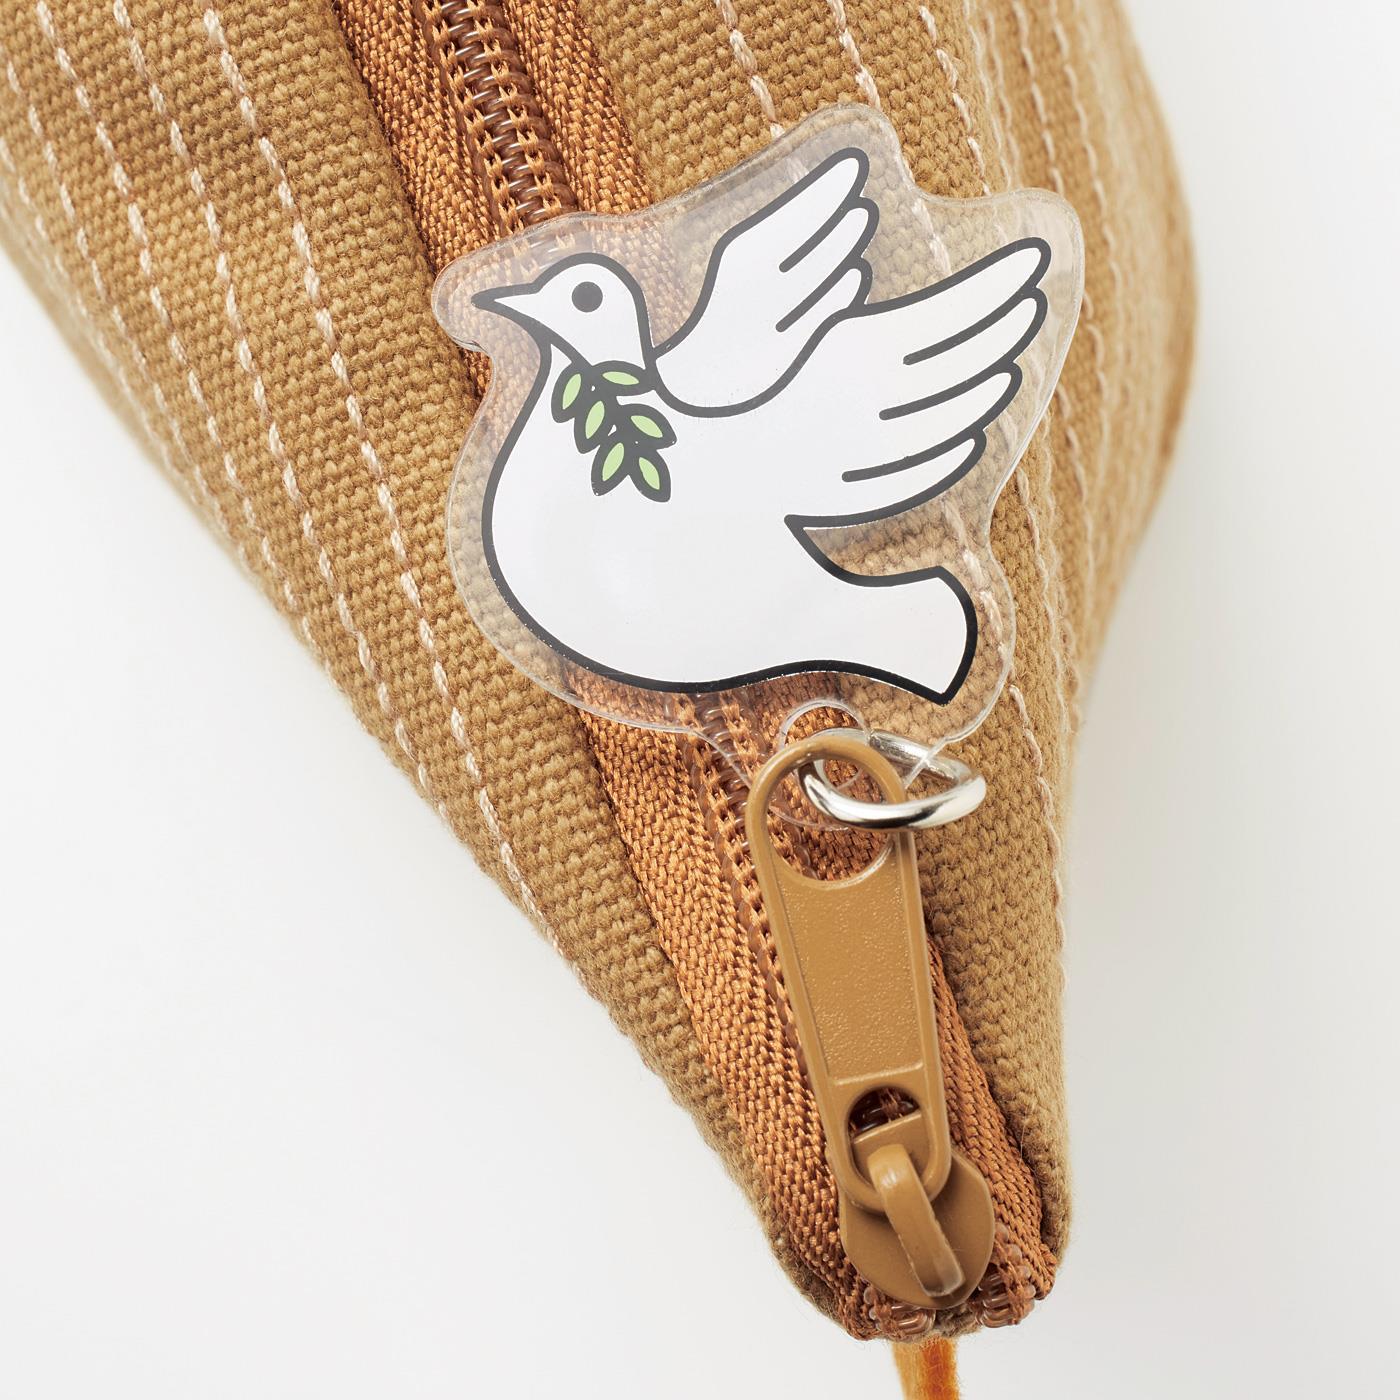 鳩(はと)型チャームの口には洪水が引いた証のオリーブの枝が。